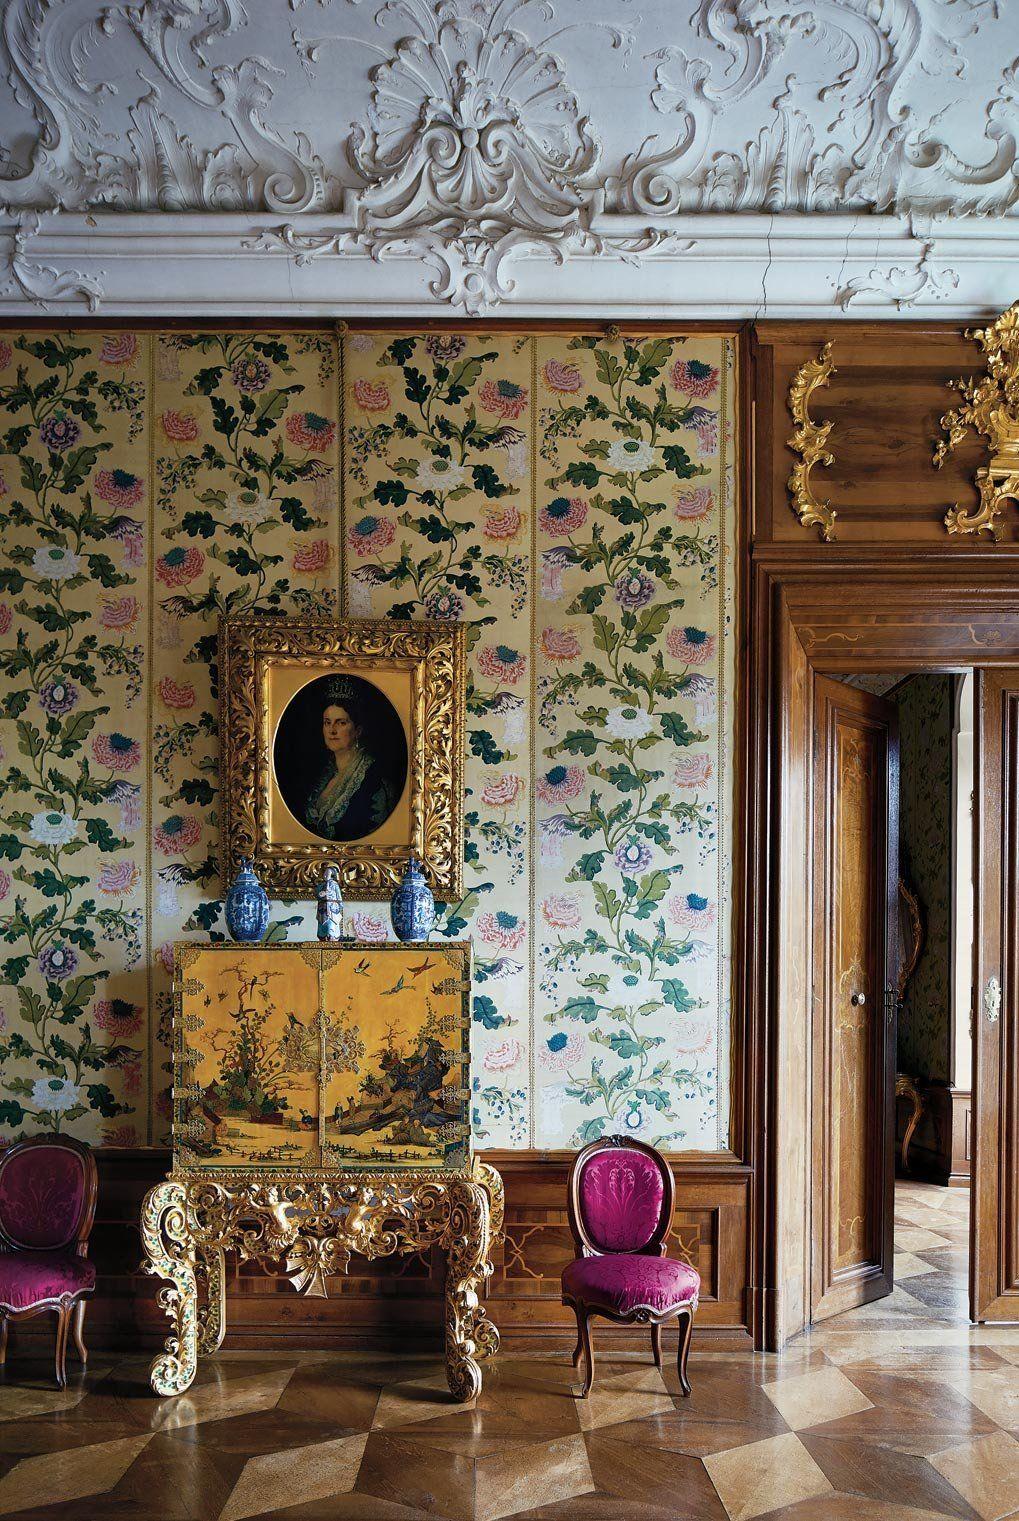 Neue wohnzimmer innenarchitektur palaces ets  wow  pinterest  rokoko neue wege und dekor